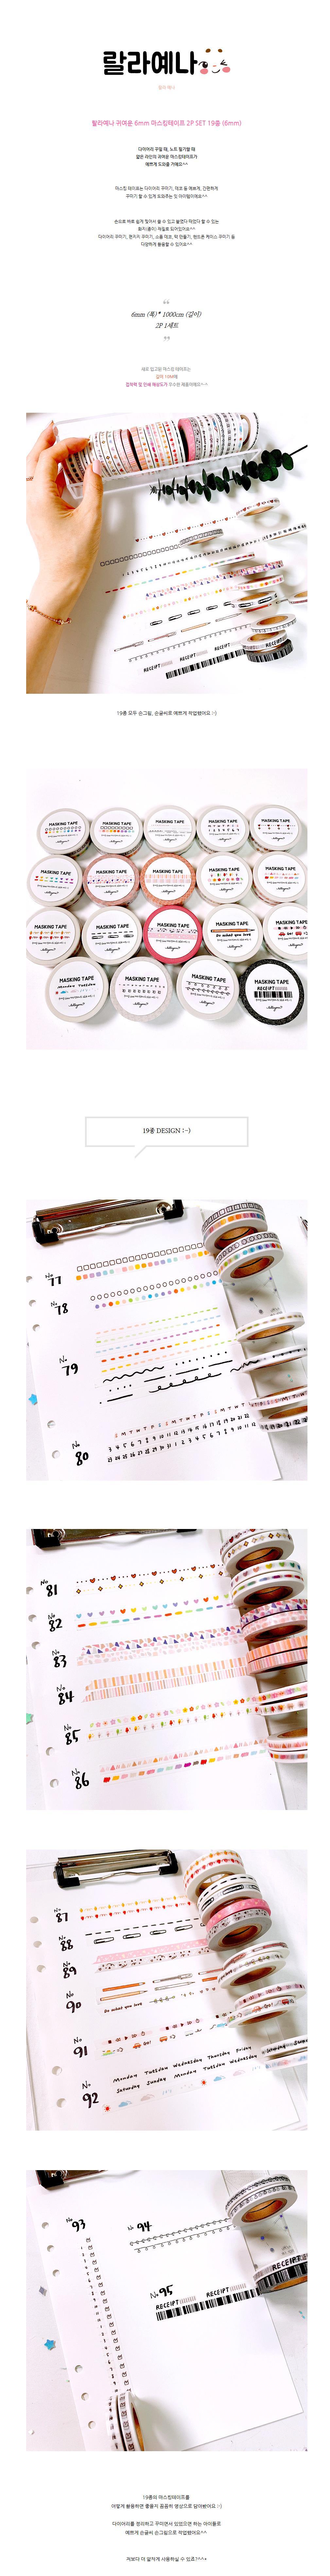 랄라예나 귀여운 6mm 마스킹테이프 2P SET 19종 (6mm)6,200원-랄라예나디자인문구, 데코레이션, 마스킹 테이프, 종이 마스킹테이프바보사랑랄라예나 귀여운 6mm 마스킹테이프 2P SET 19종 (6mm)6,200원-랄라예나디자인문구, 데코레이션, 마스킹 테이프, 종이 마스킹테이프바보사랑